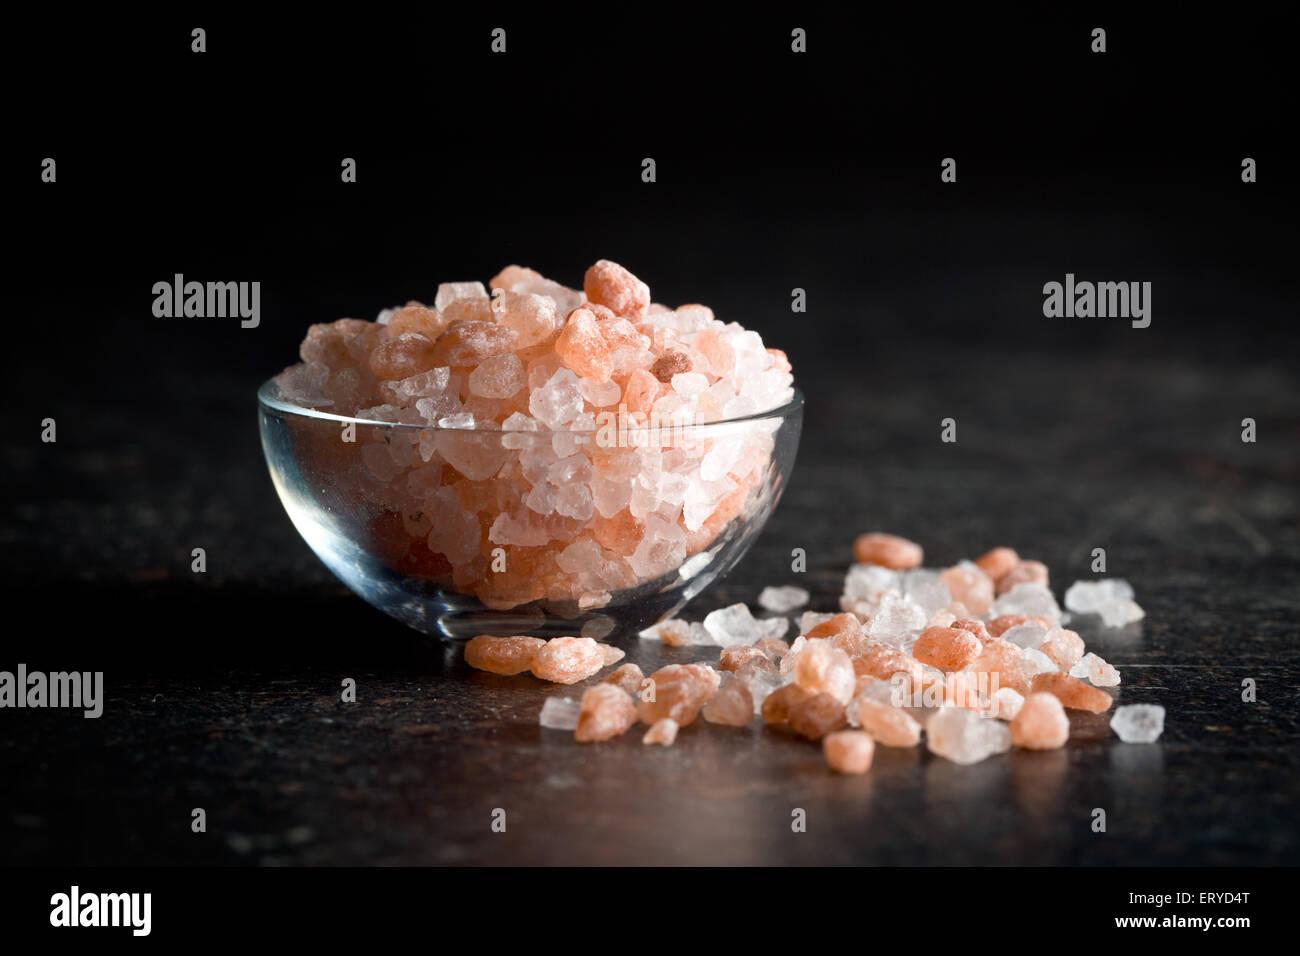 Himalaya-Salz in Schüssel auf Küchentisch Stockbild